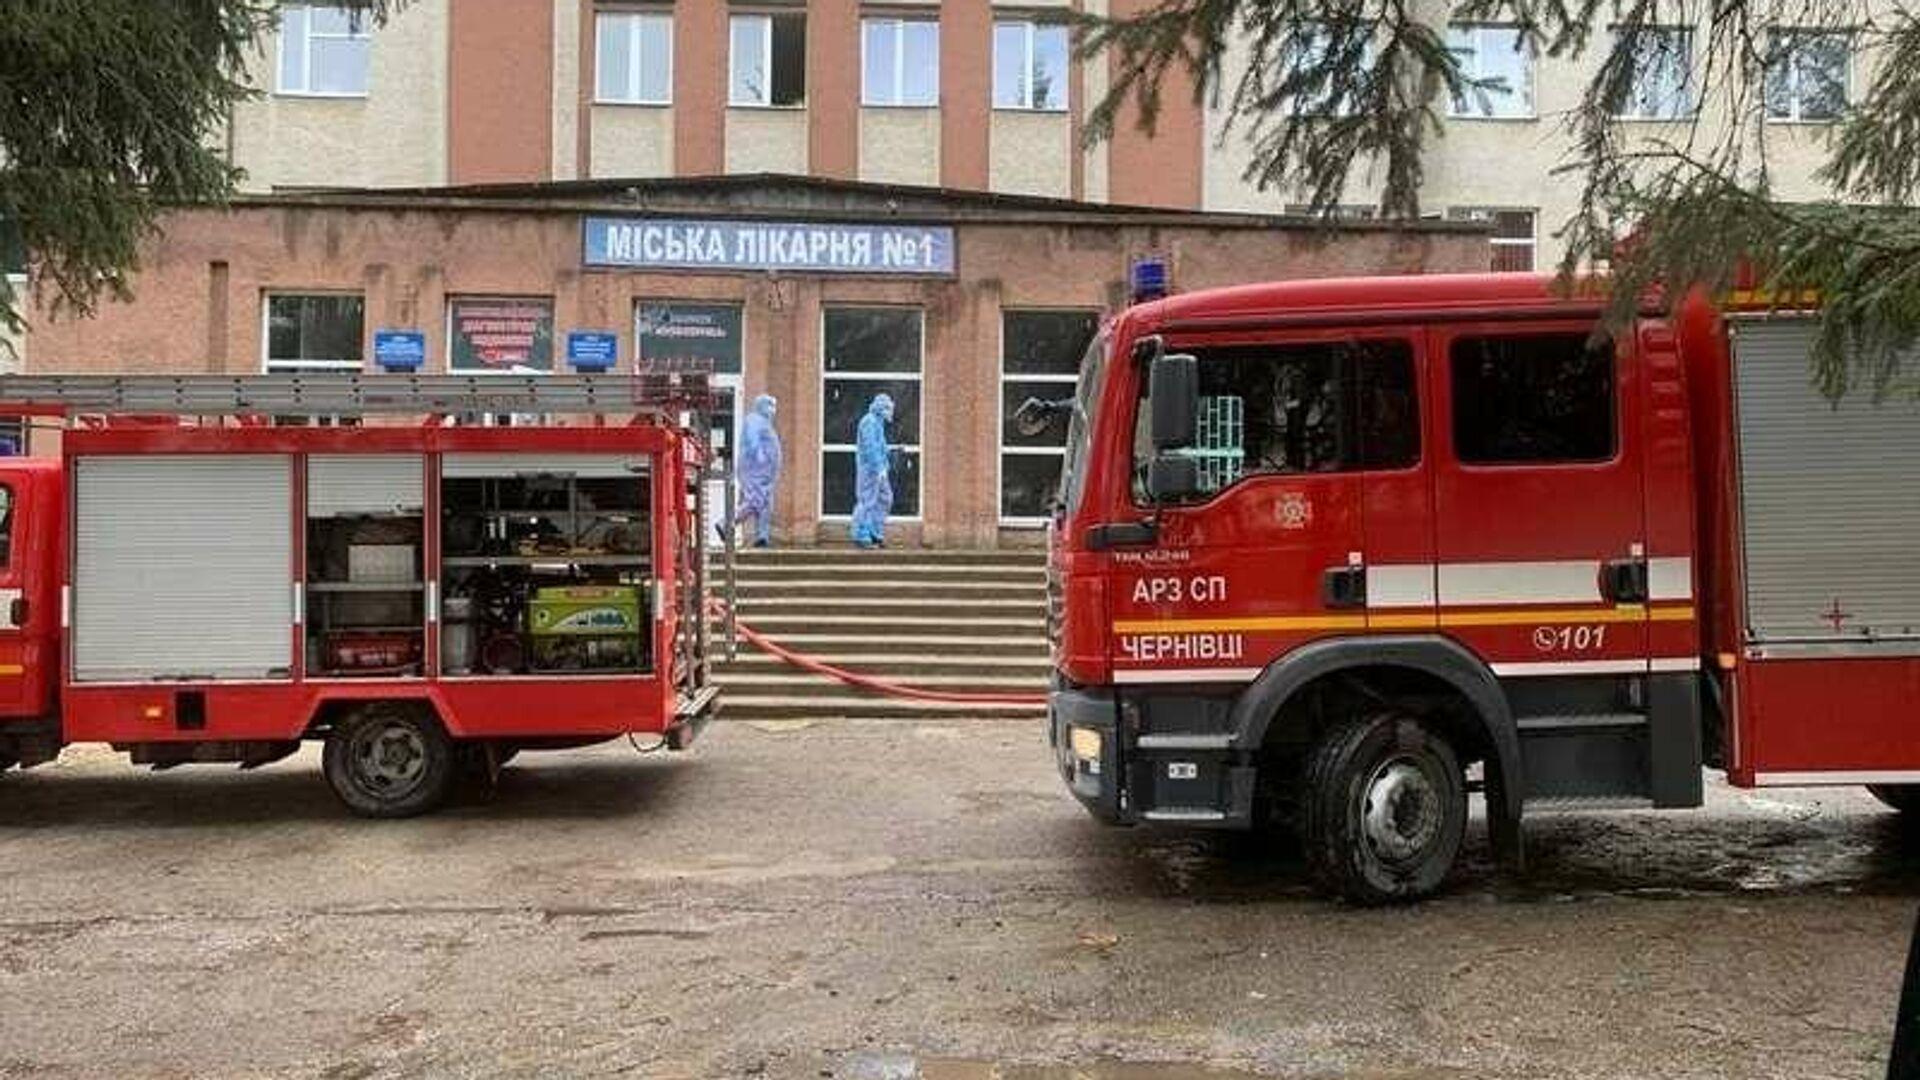 Сотрудники экстренных служб на месте взрыва в больнице в городе Черновцы, Украина - РИА Новости, 1920, 27.02.2021